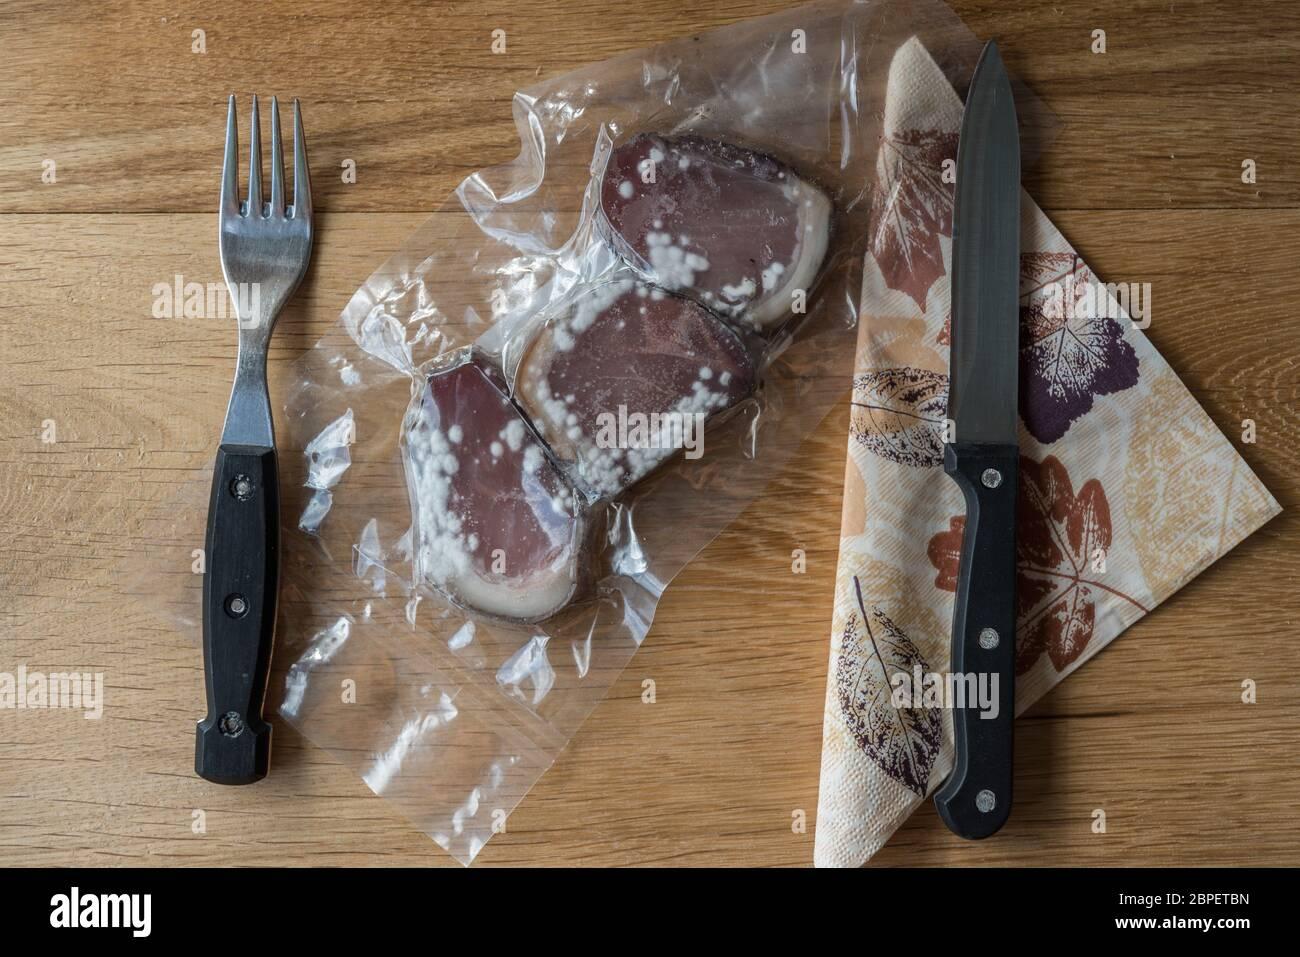 schimmelig gewordene Lebensmittel  - Nahaufnahme verdorbener Speck Stock Photo